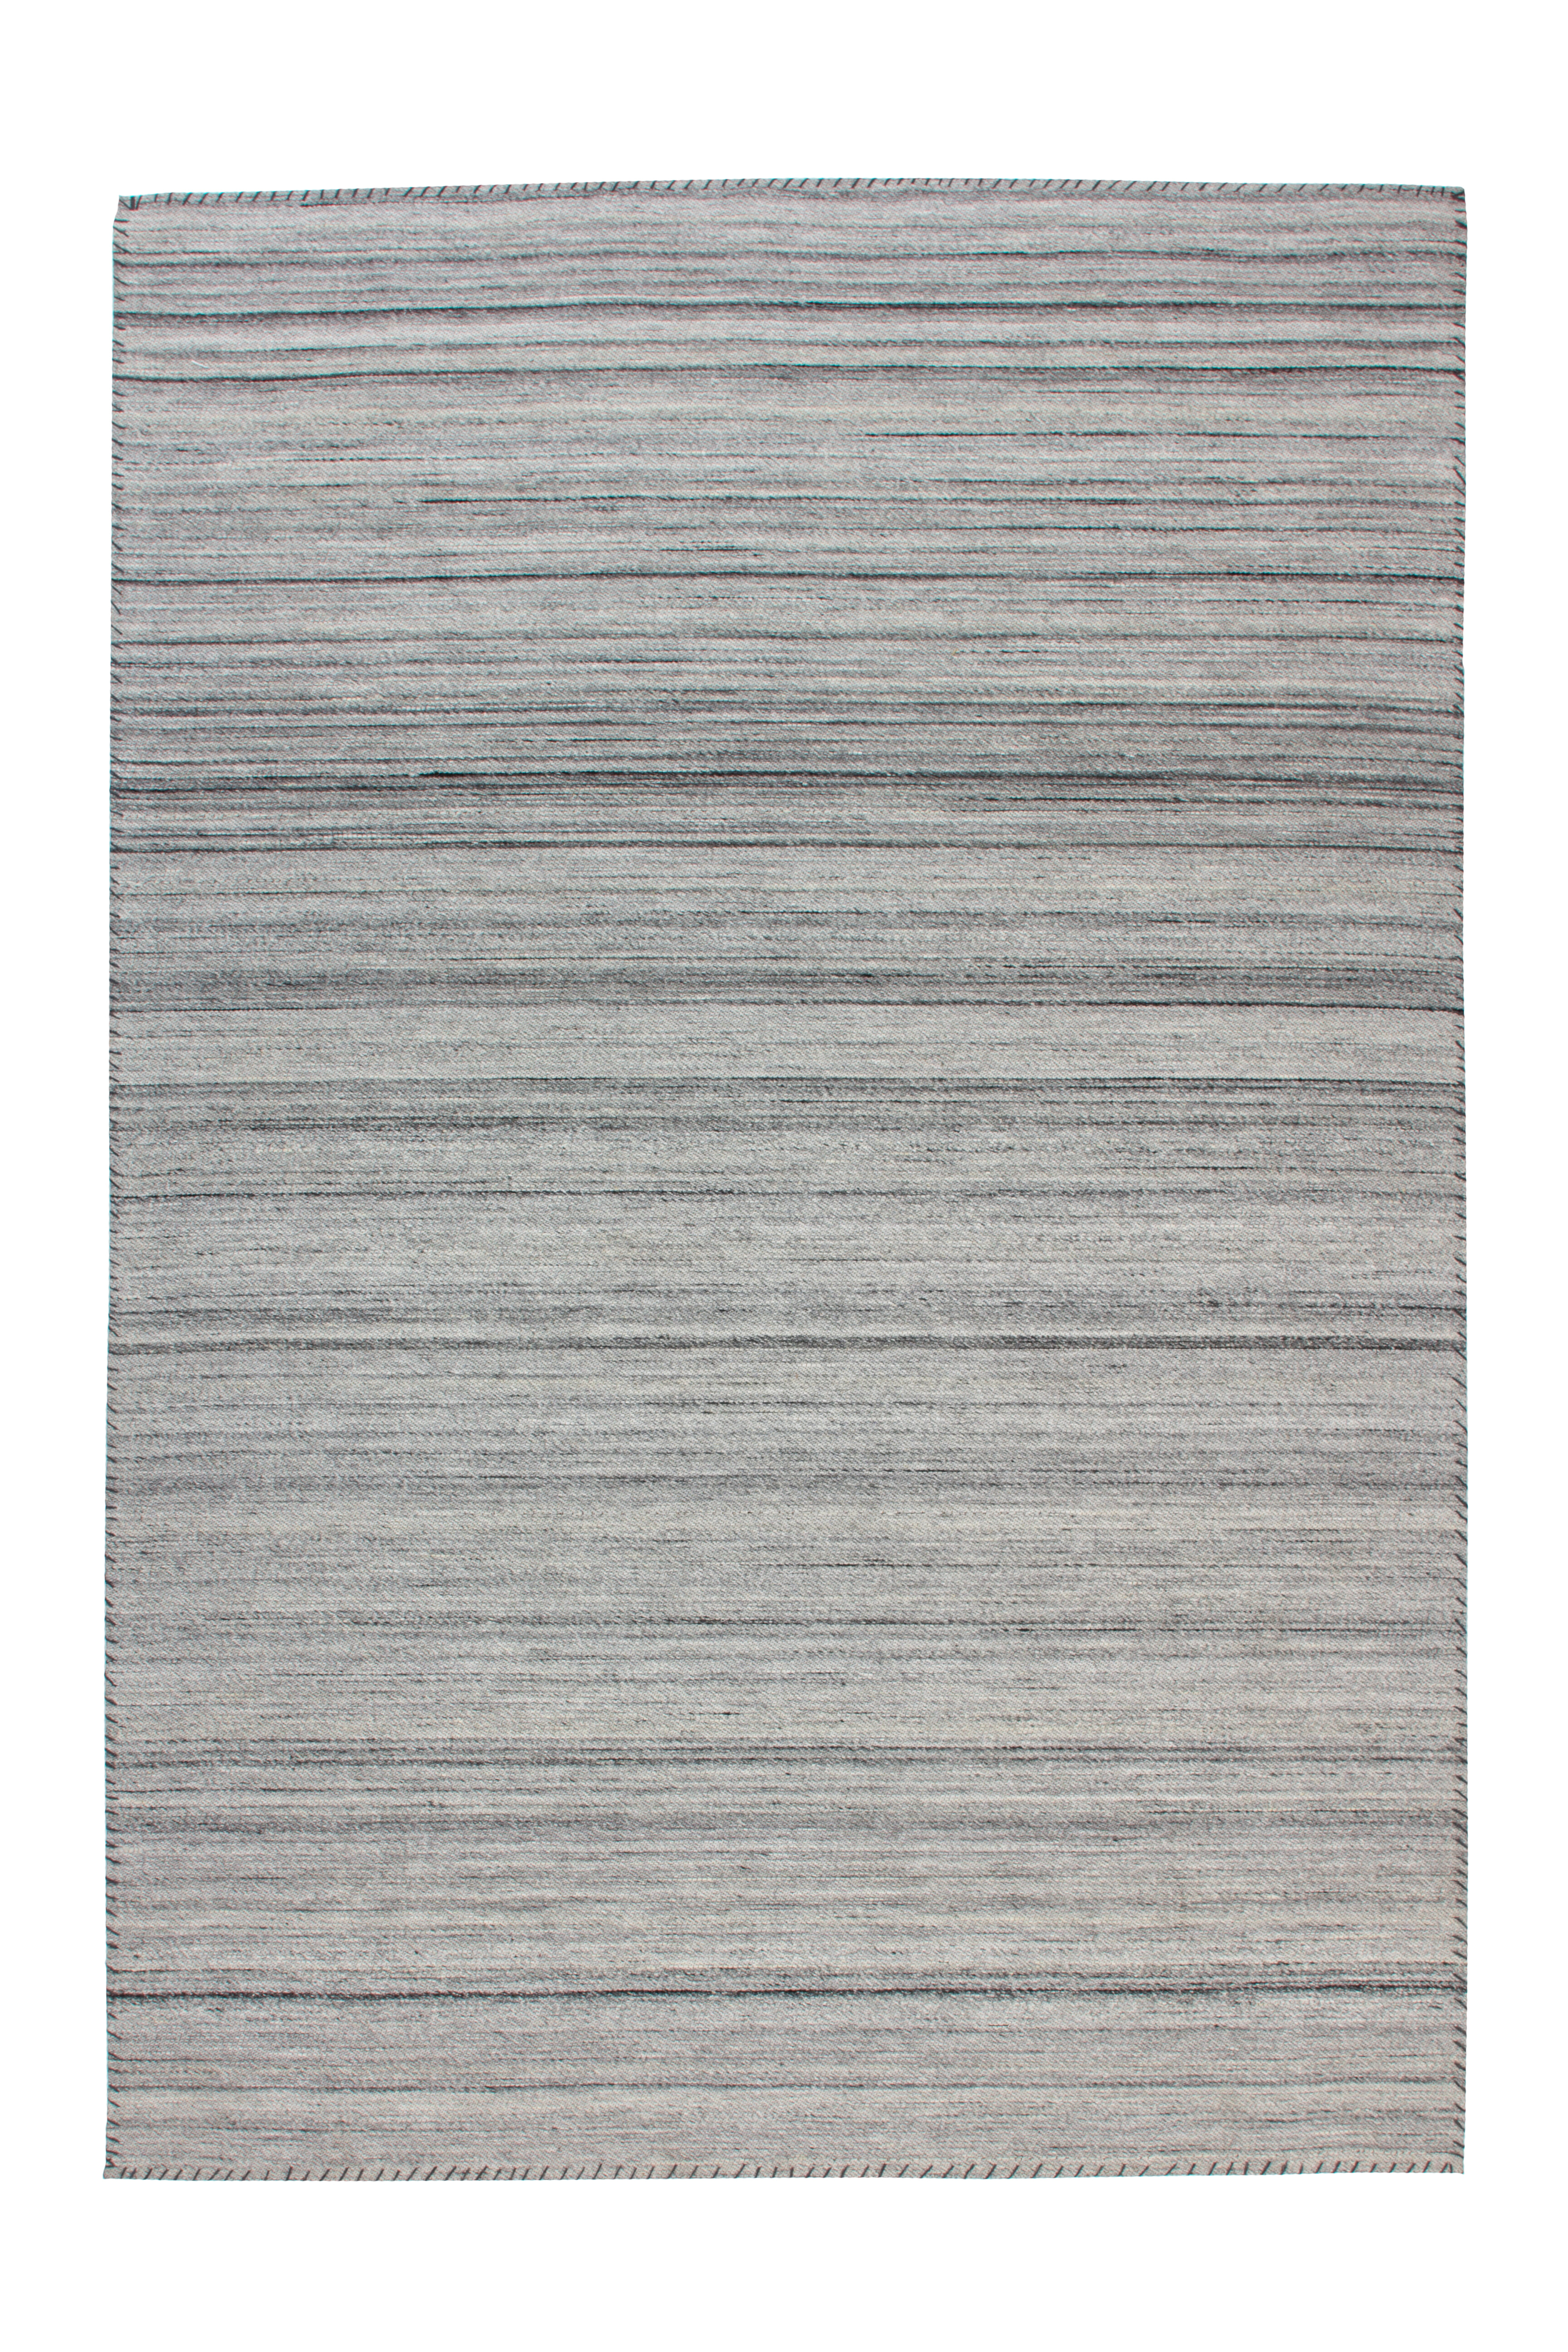 Kayoom Vloerkleed 'Phoenix 210' kleur Grijs, 120 x 170cm